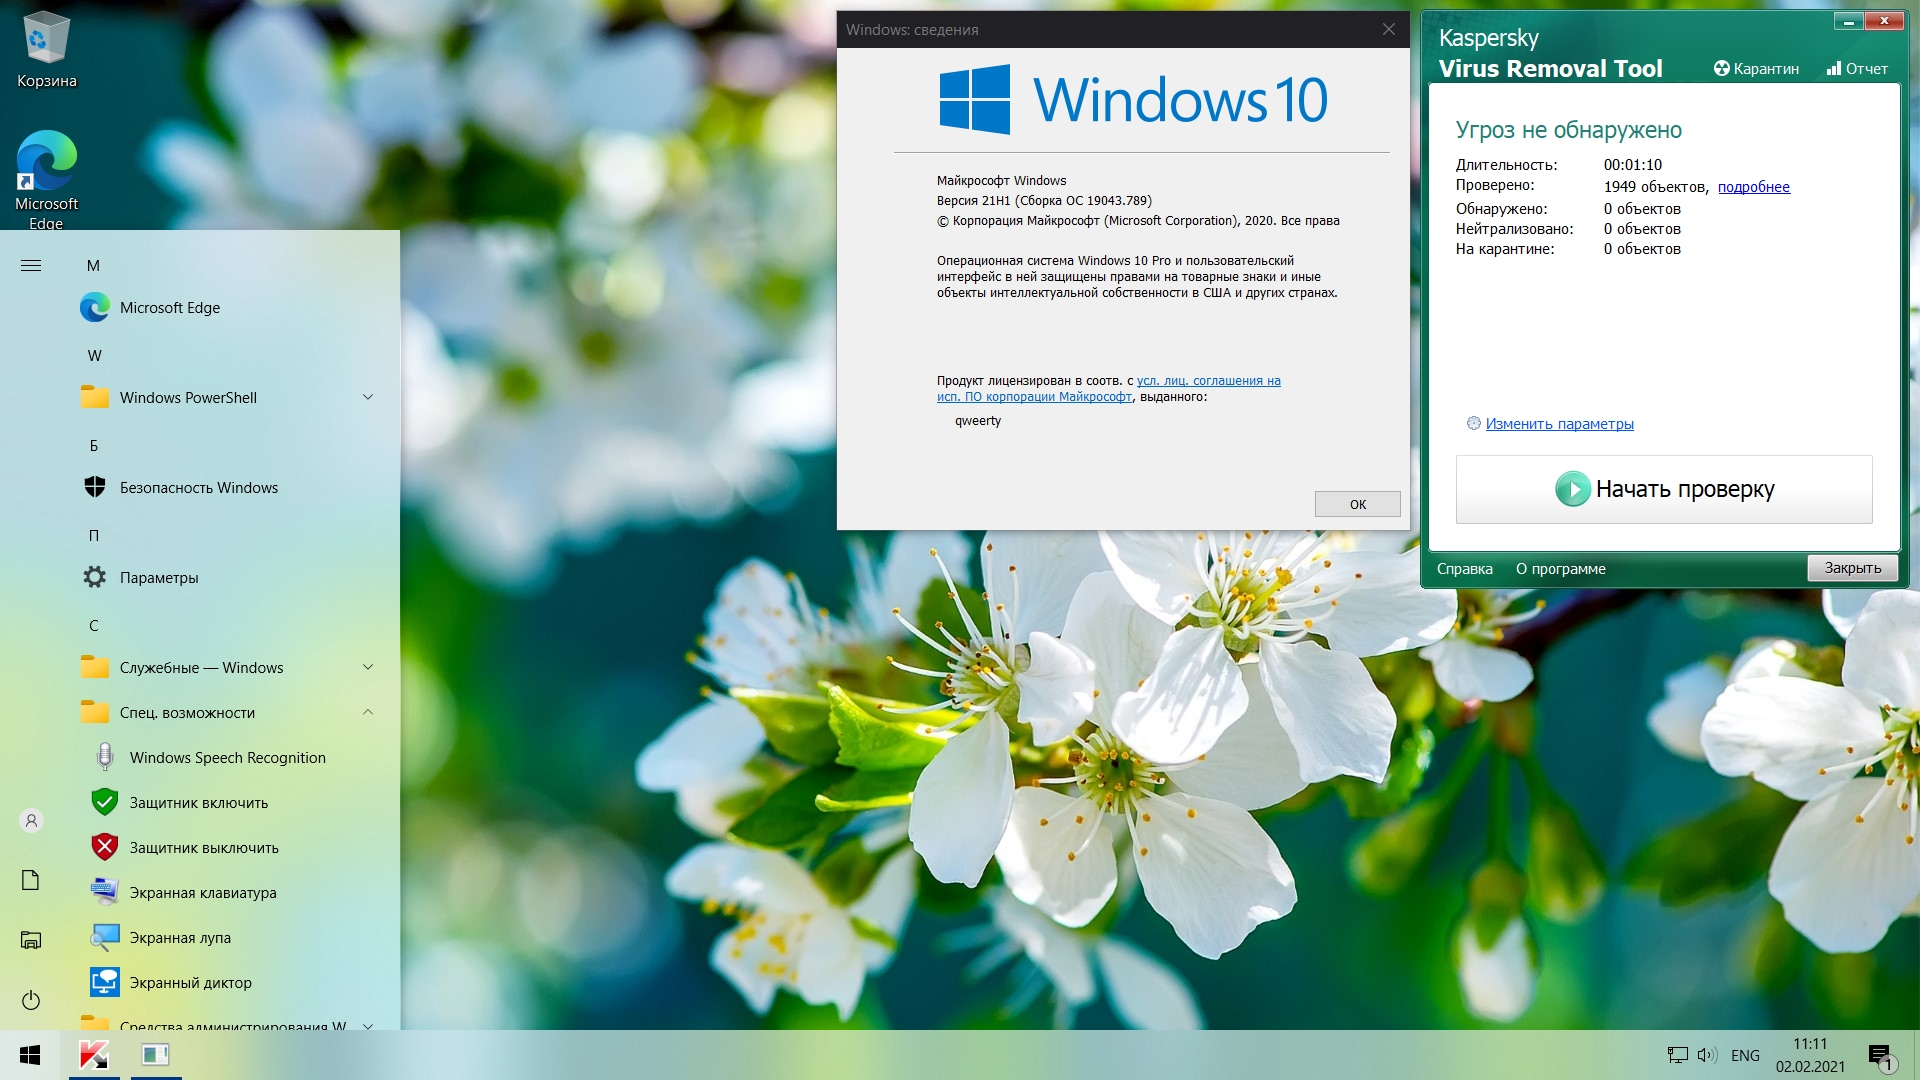 Windows 10 PRO 21H1 [GX 02.02.21] (x64)